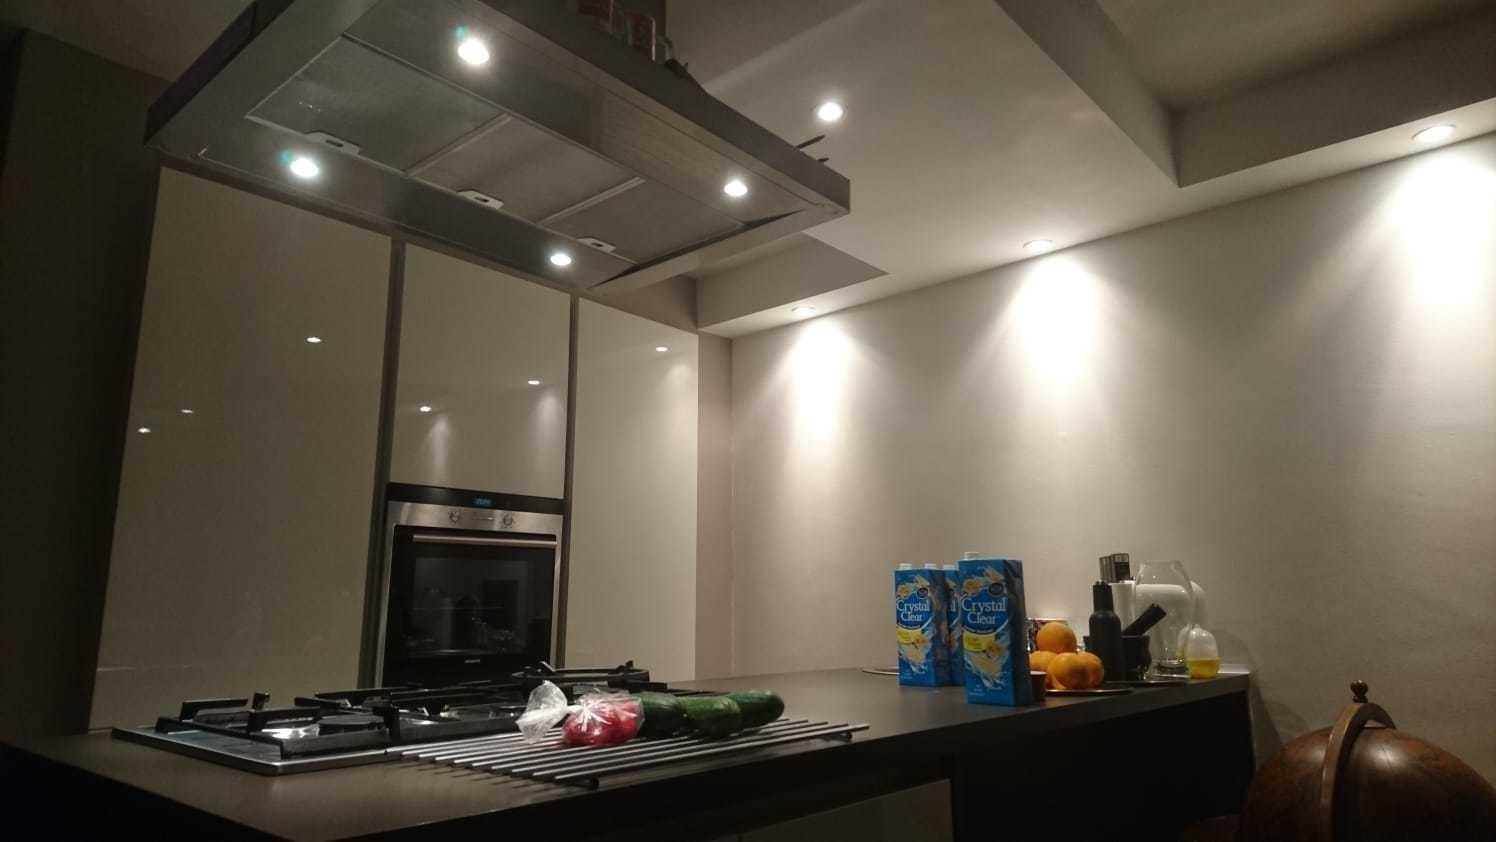 Aantal spotjes in woonkamer met open keuken - Wonen & Verbouwen - GoT